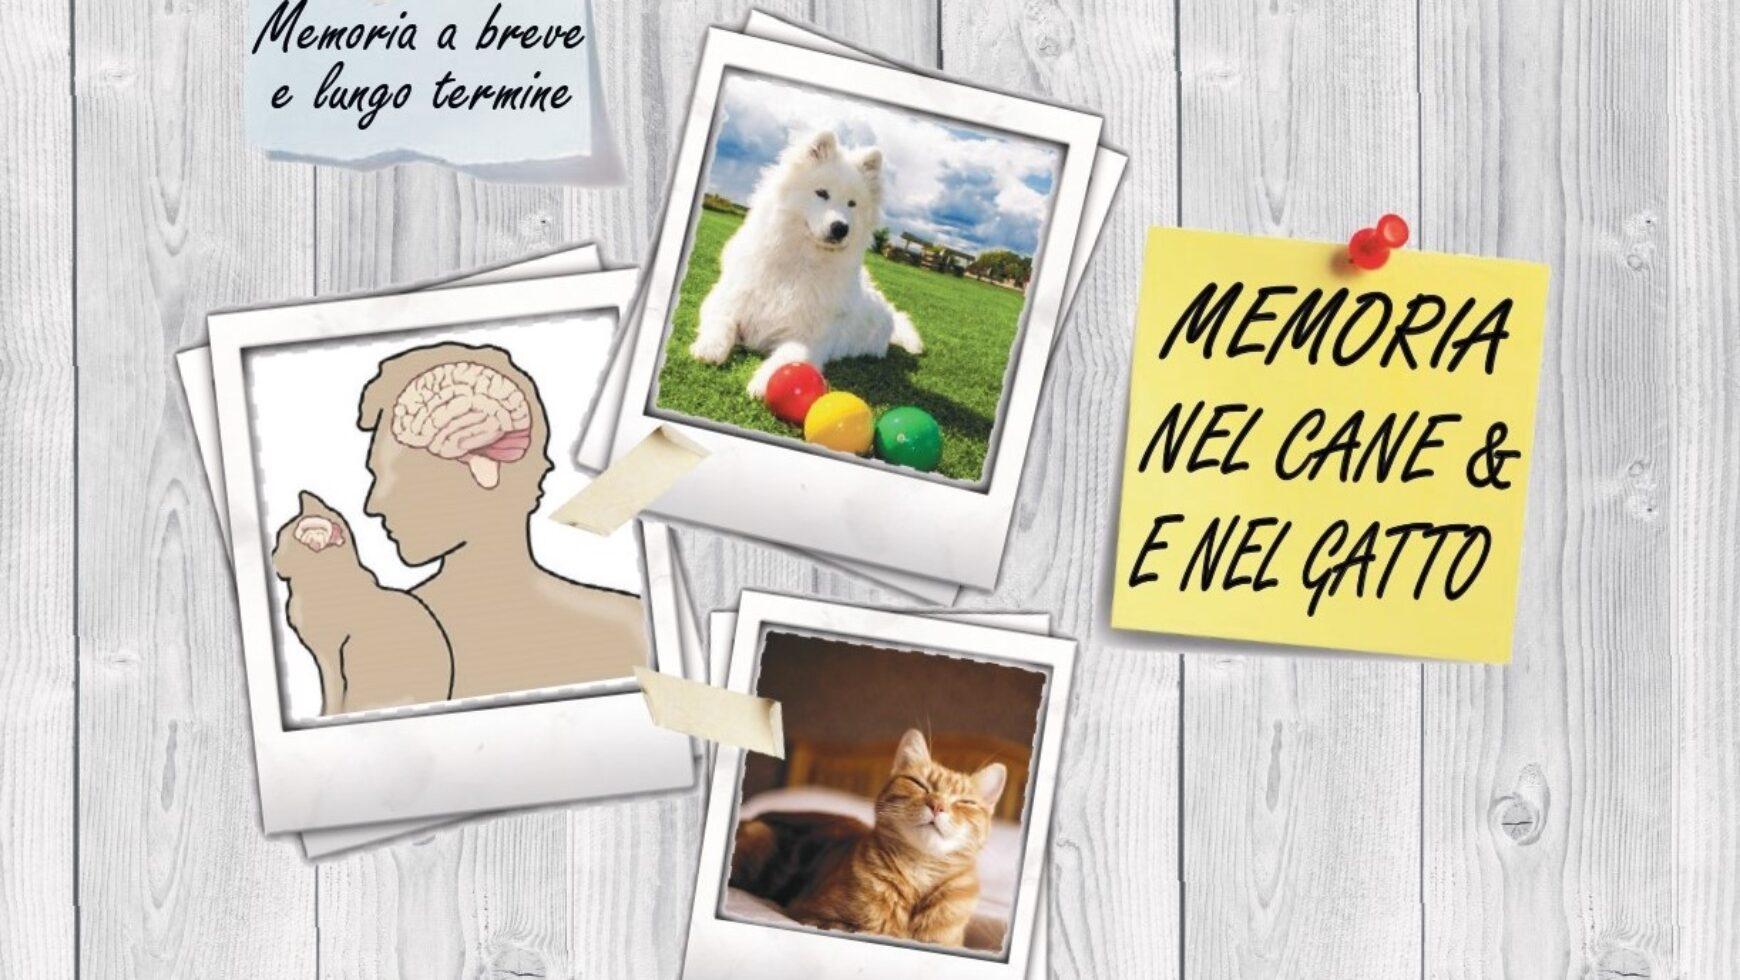 Memoria nei cani e nei gatti